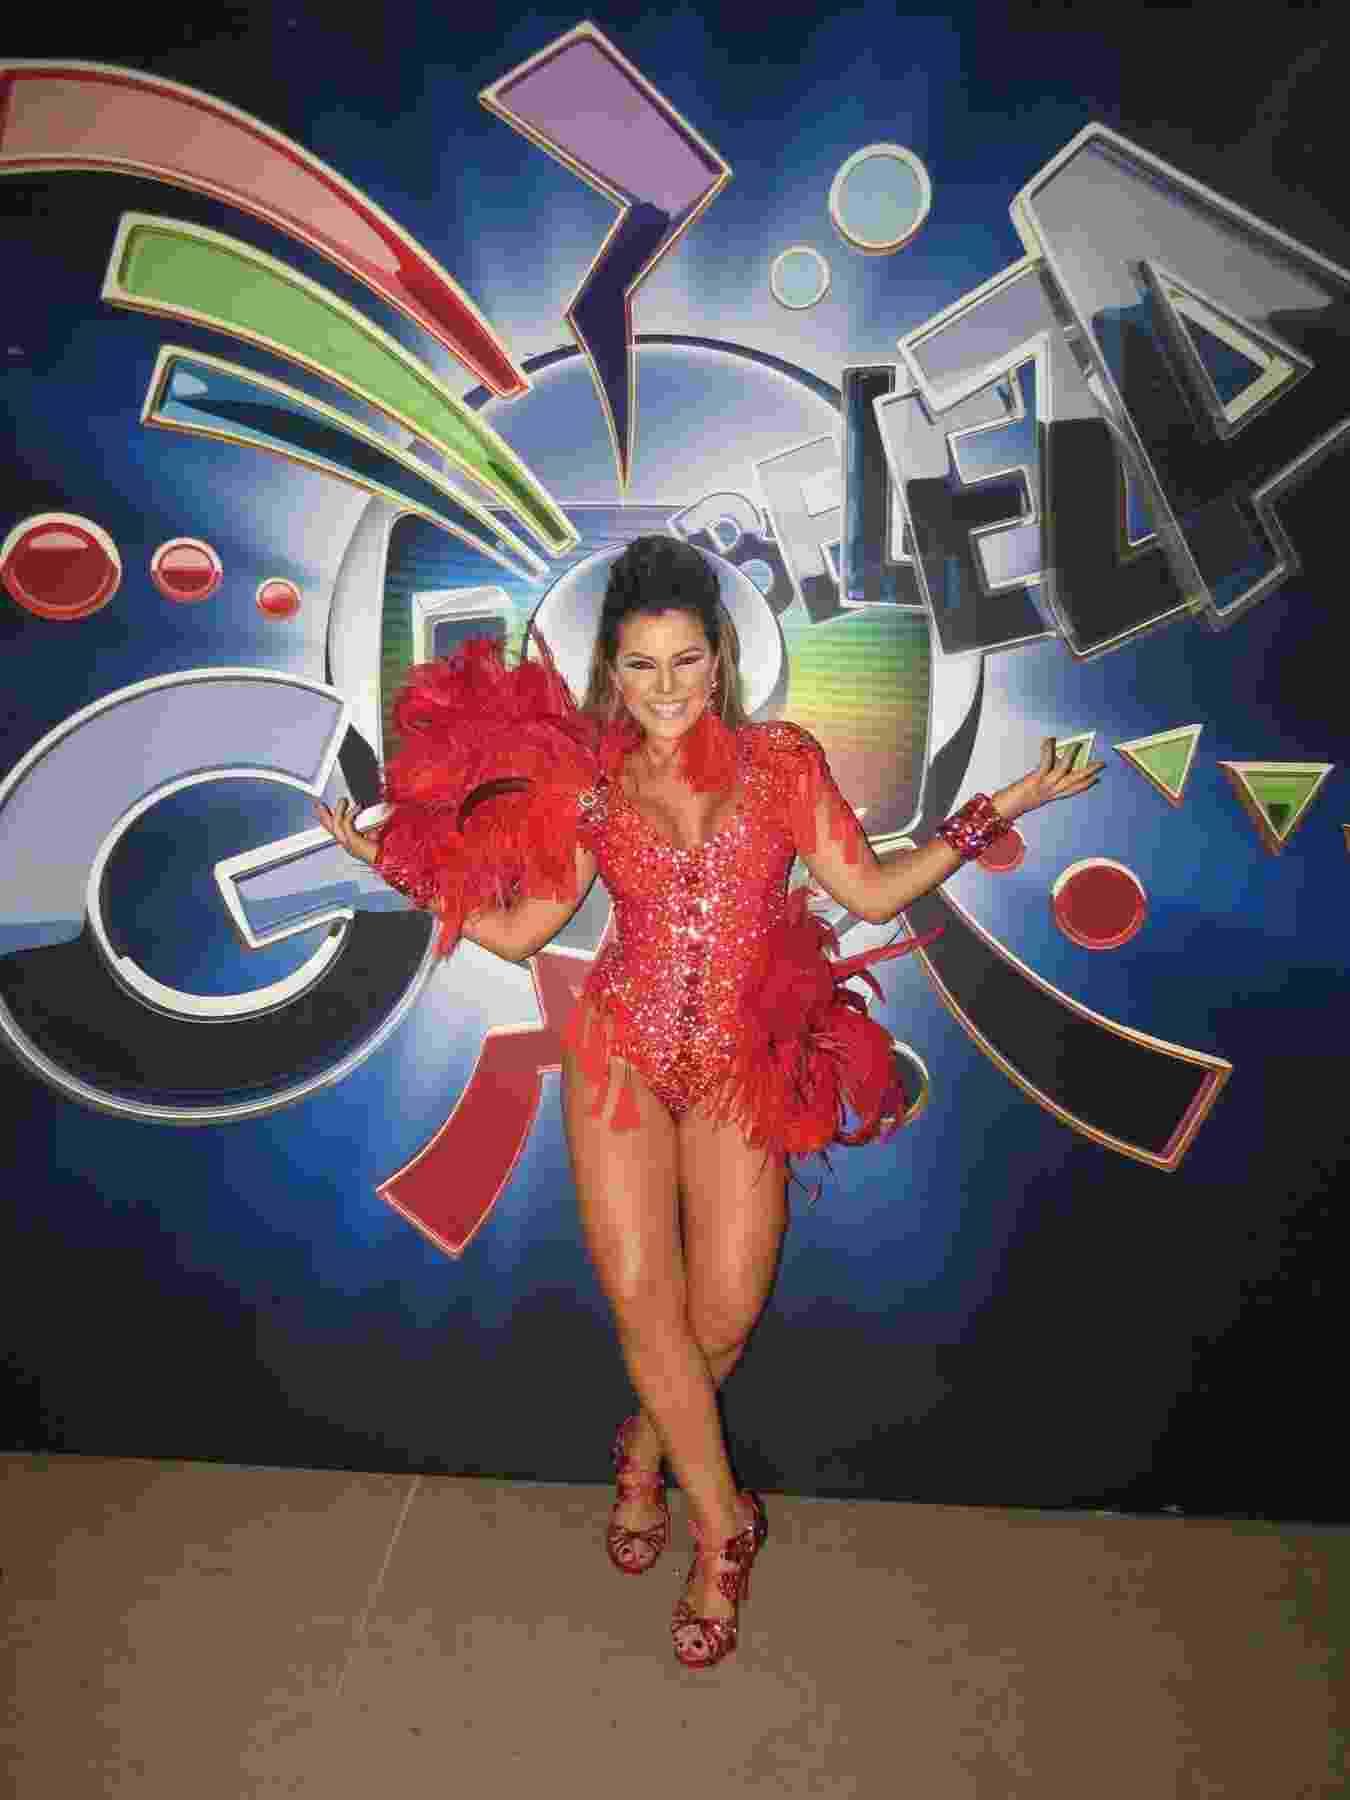 04.nov.2013 - A ex-panicat Tânia Oliveira grava vinhetas do Carnaval 2014 para a TV Globo nos estúdios da emissora, em São Paulo - Divulgação